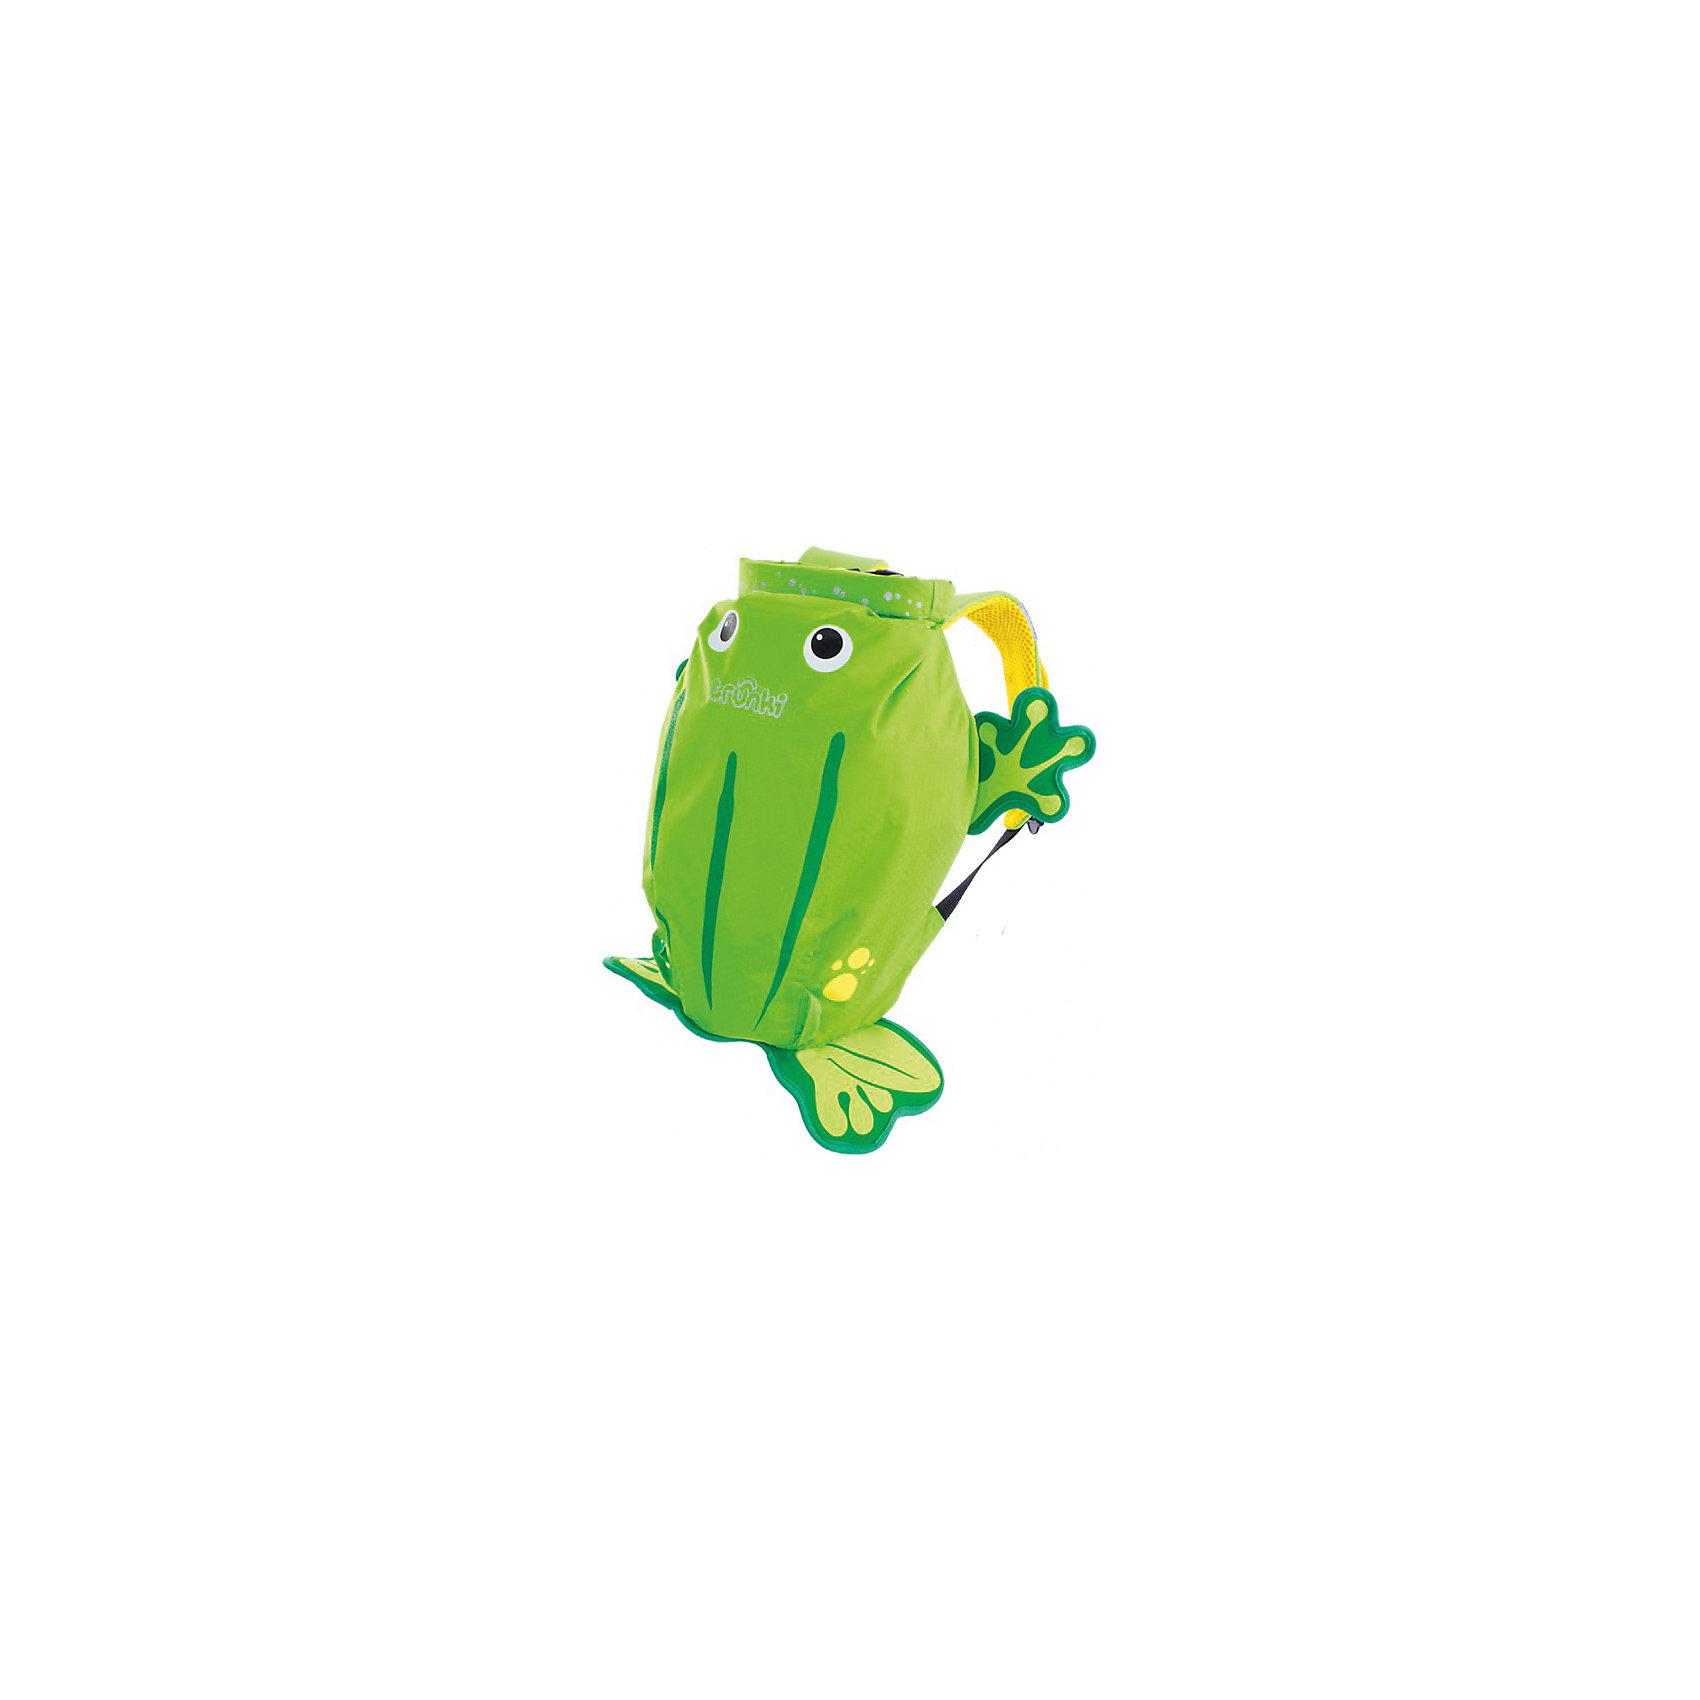 Рюкзак для бассейна и пляжа ЛягушкаЯркий стильный рюкзак для бассейна и пляжа Лягушка от мирового производителя детских чемоданов и дорожный аксессуаров Транки (Trunki) - великолепная новинка для юных путешественников!<br>Рюкзак выполнен в виде лягушки яркого салатового цвета с забавными лапками. Материал, из которого сделан рюкзак, водоотталкивающий, а это значит, что малышу не придется волноваться за то, что его вещи и любимые игрушки могут промокнуть. <br><br>Рюкзак для бассейна и пляжа оснащен специальным креплением Trunki, с помощью него можно крепить к сумке солнцезащитные очки. Рюкзак имеет светоотражающую отделку, а также карман в виде плавника, куда можно положить различные мелочи.  <br>Рюкзак Trunki – незаменимый аксессуар для мальчиков и девочек для походов в бассейн или на пляж.<br><br>Дополнительная информация:<br><br>Размер рюкзака: 49,5 х 41 см.<br>Объем: 7,5 литров.<br><br>Рюкзак для бассейна и пляжа Лягушка можно купить в нашем магазине.<br><br>Ширина мм: 490<br>Глубина мм: 410<br>Высота мм: 200<br>Вес г: 250<br>Возраст от месяцев: 36<br>Возраст до месяцев: 84<br>Пол: Унисекс<br>Возраст: Детский<br>SKU: 4090981